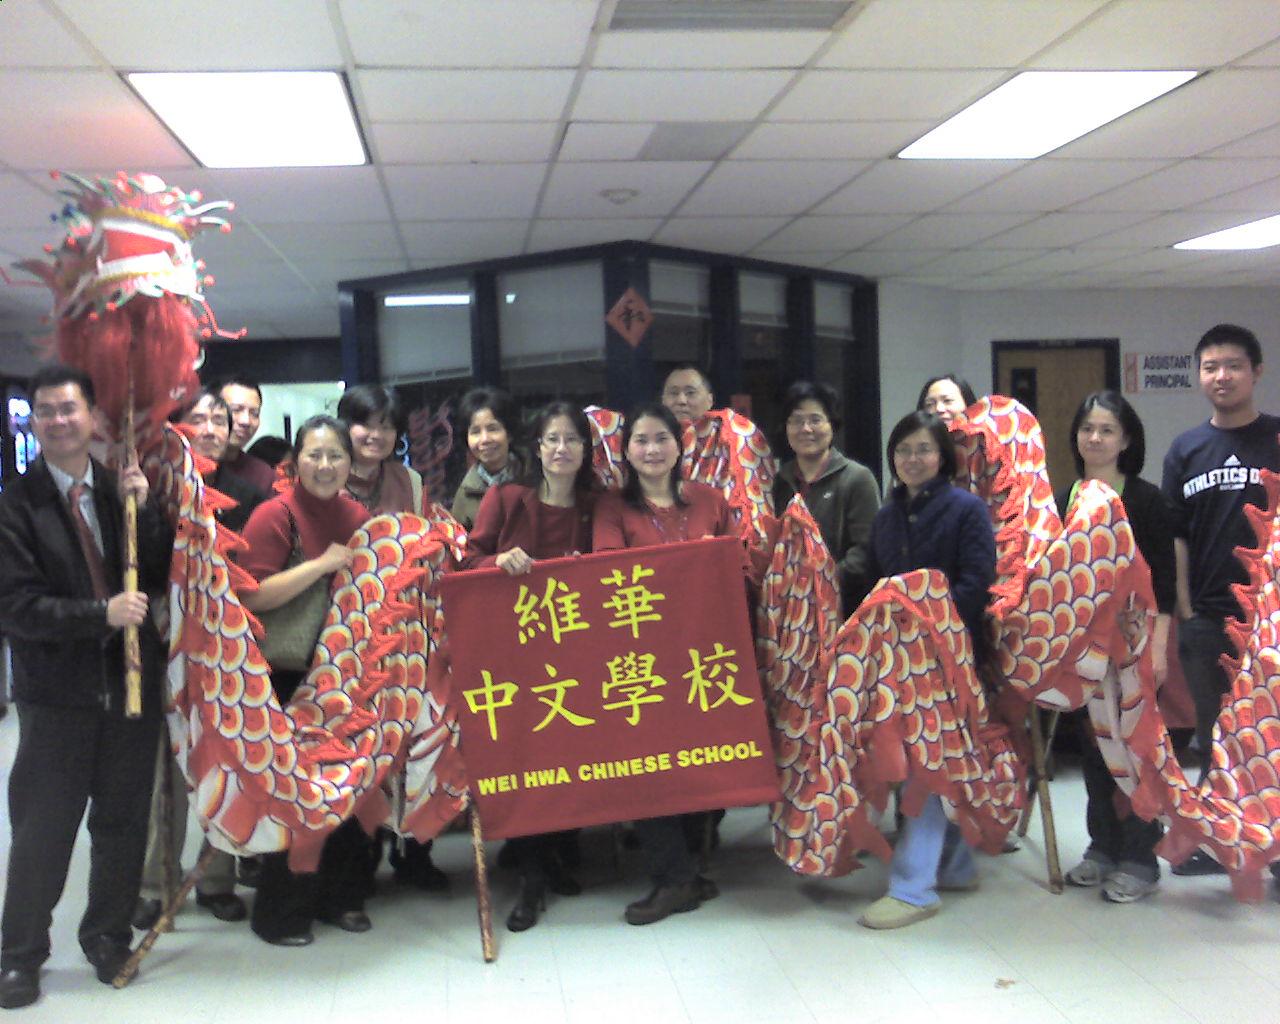 Wei Hwa Chinese School Grand Opening 2012-1-22